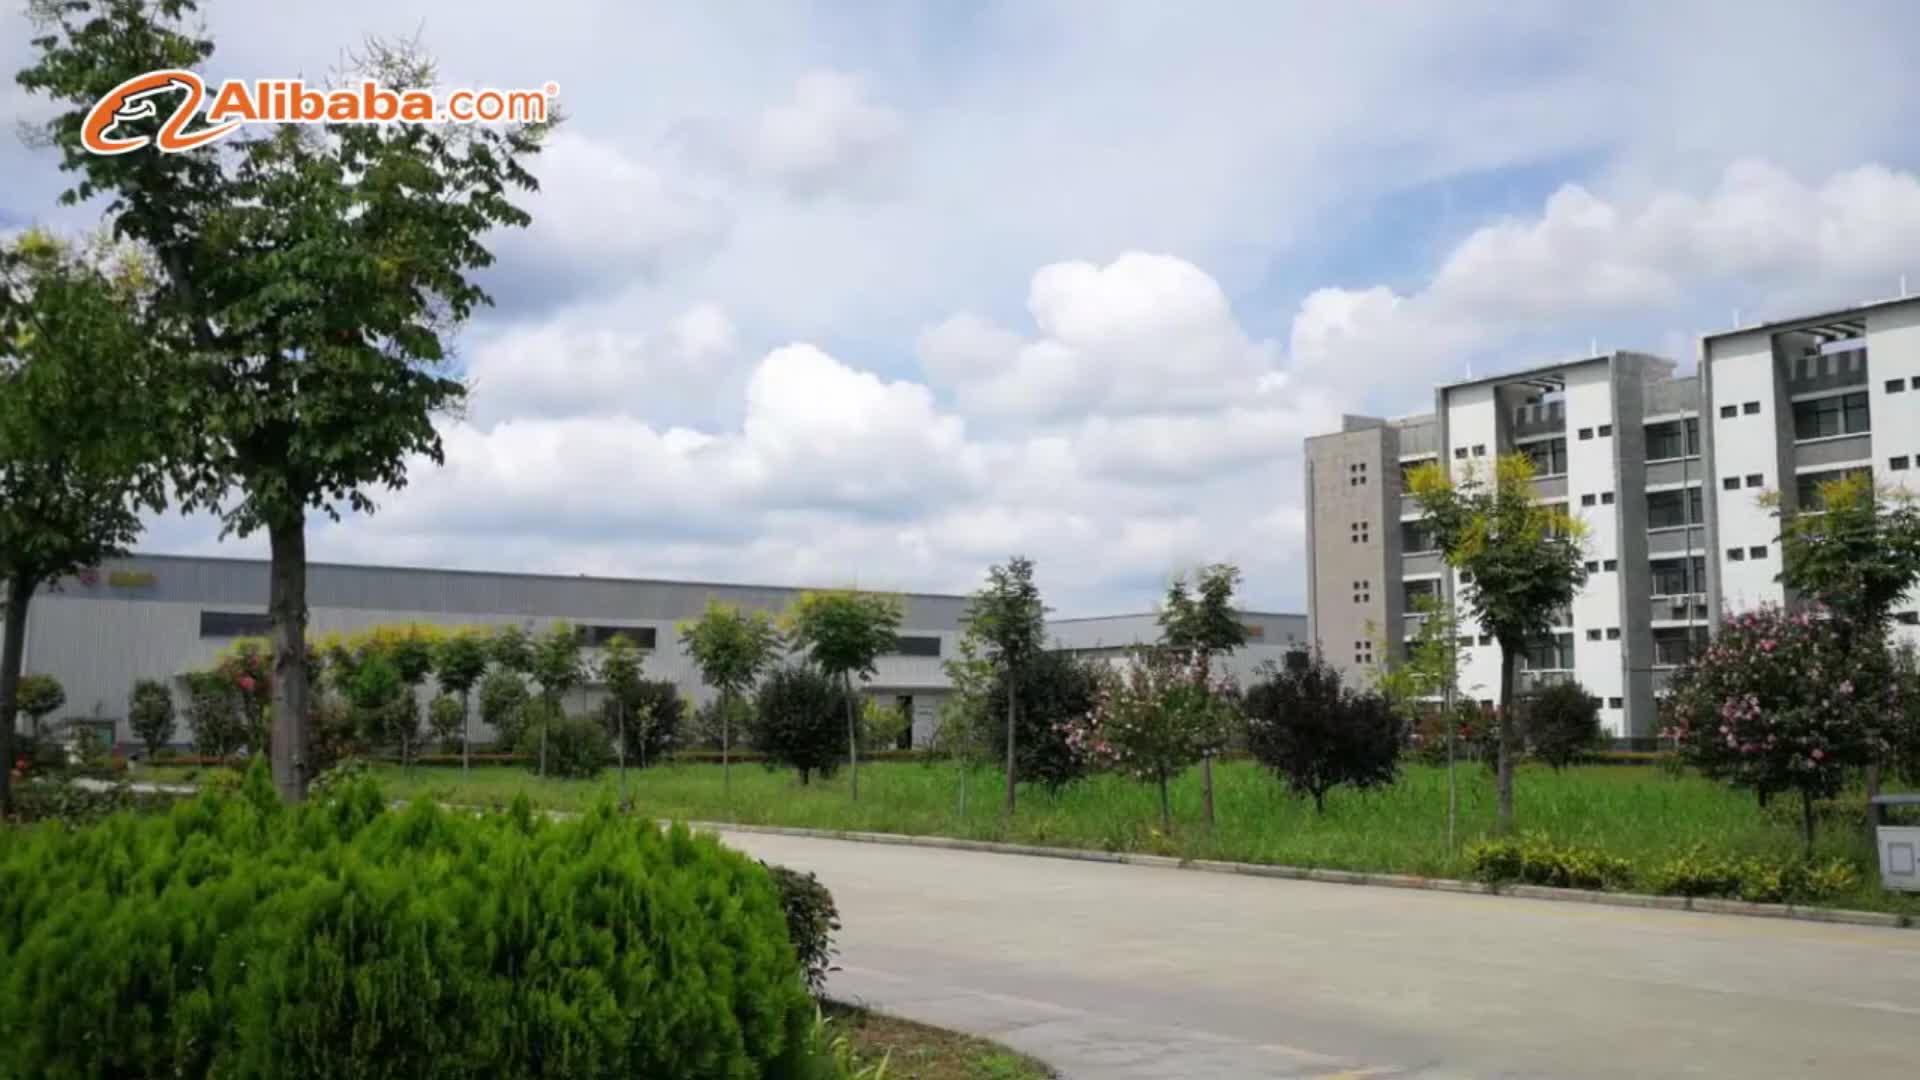 Chinesische herstellung günstige zahnrad RG136.2.07